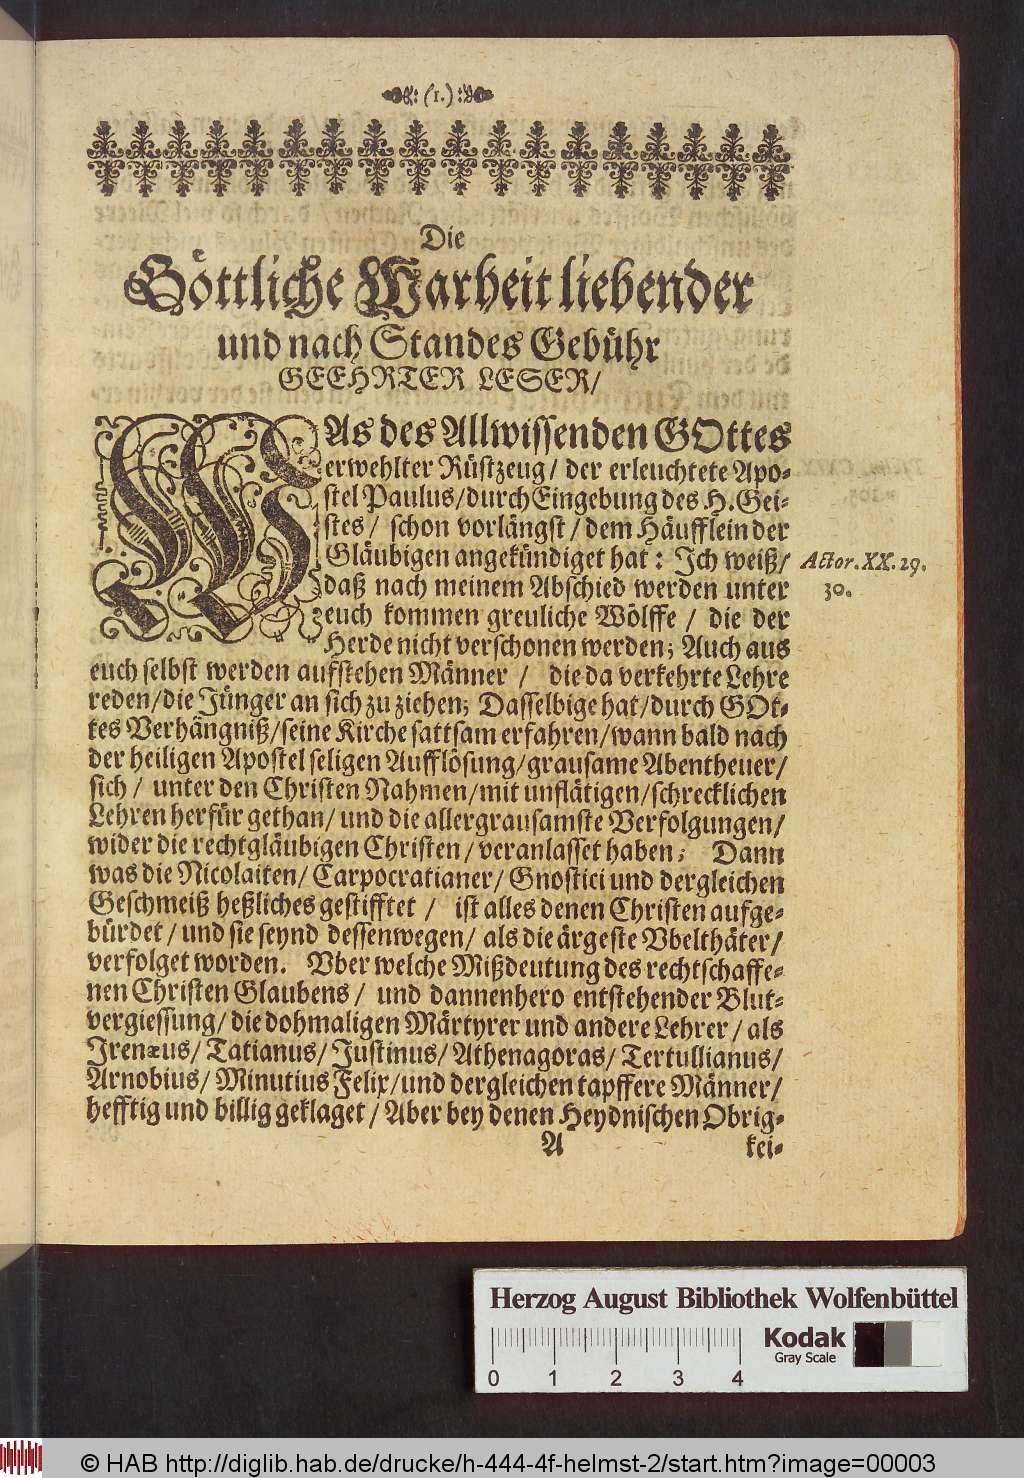 http://diglib.hab.de/drucke/h-444-4f-helmst-2/00003.jpg